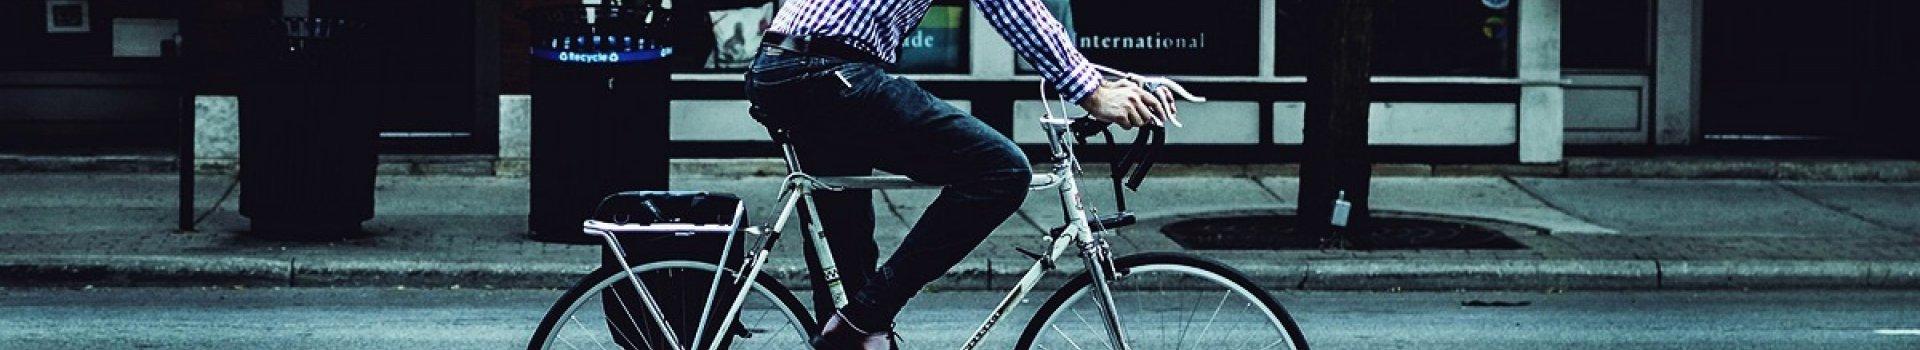 Rower w leasing - wszystko, co musisz wiedzieć!